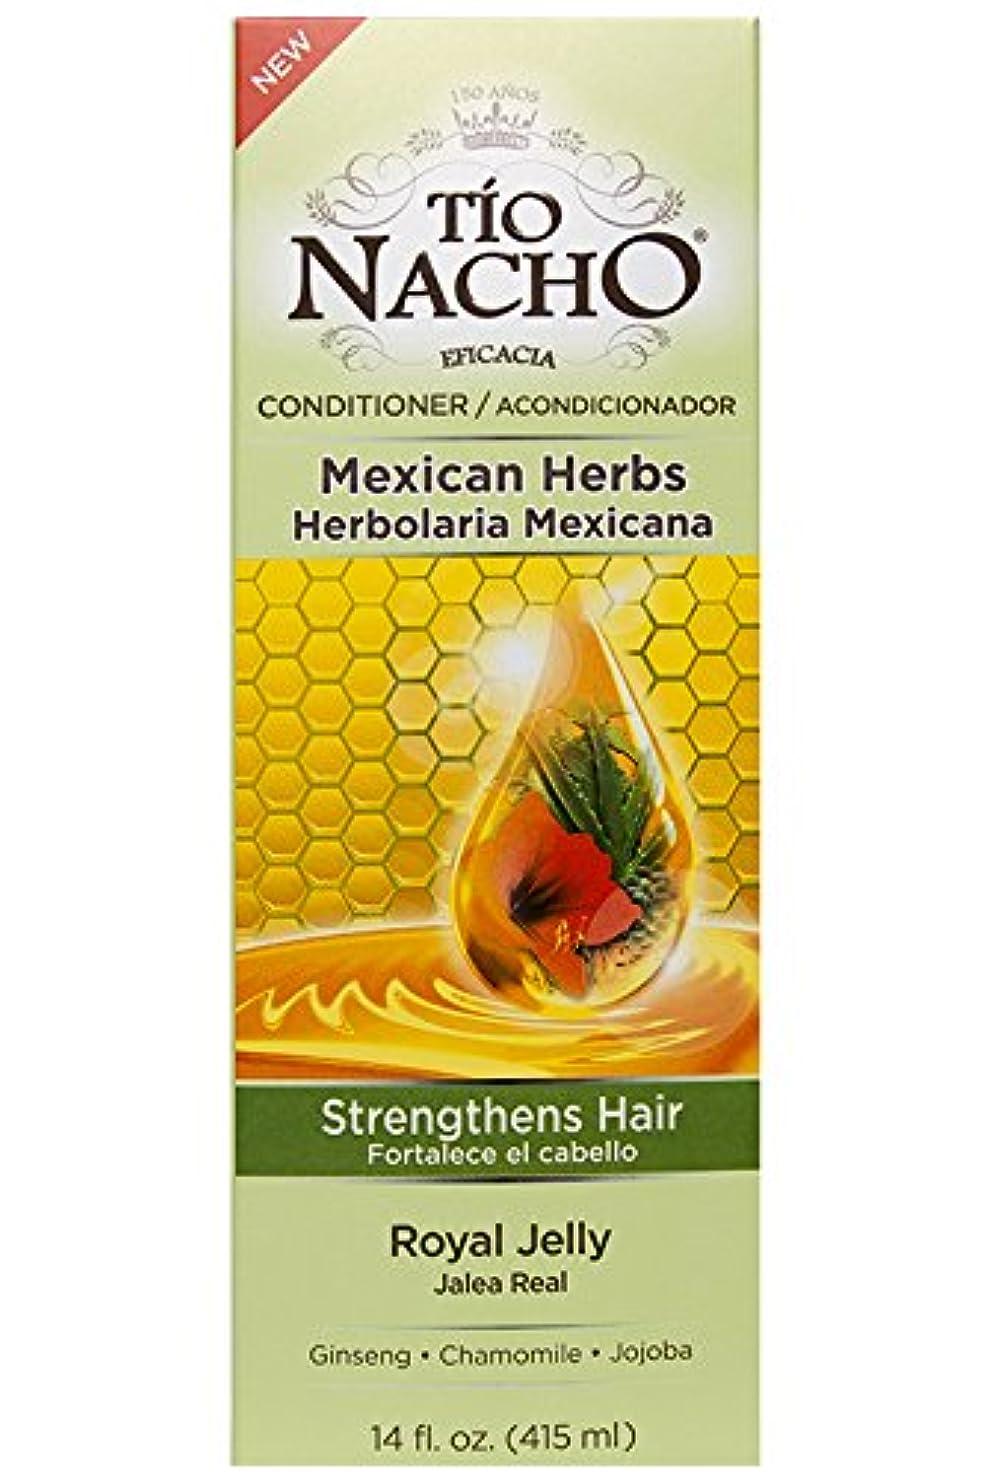 残高アデレード仲介者Tio Nacho ローヤルゼリー、高麗人参、アロエベラ、小麦、ホホバ、14オンスコンディショナーを強化メキシコハーブの髪。